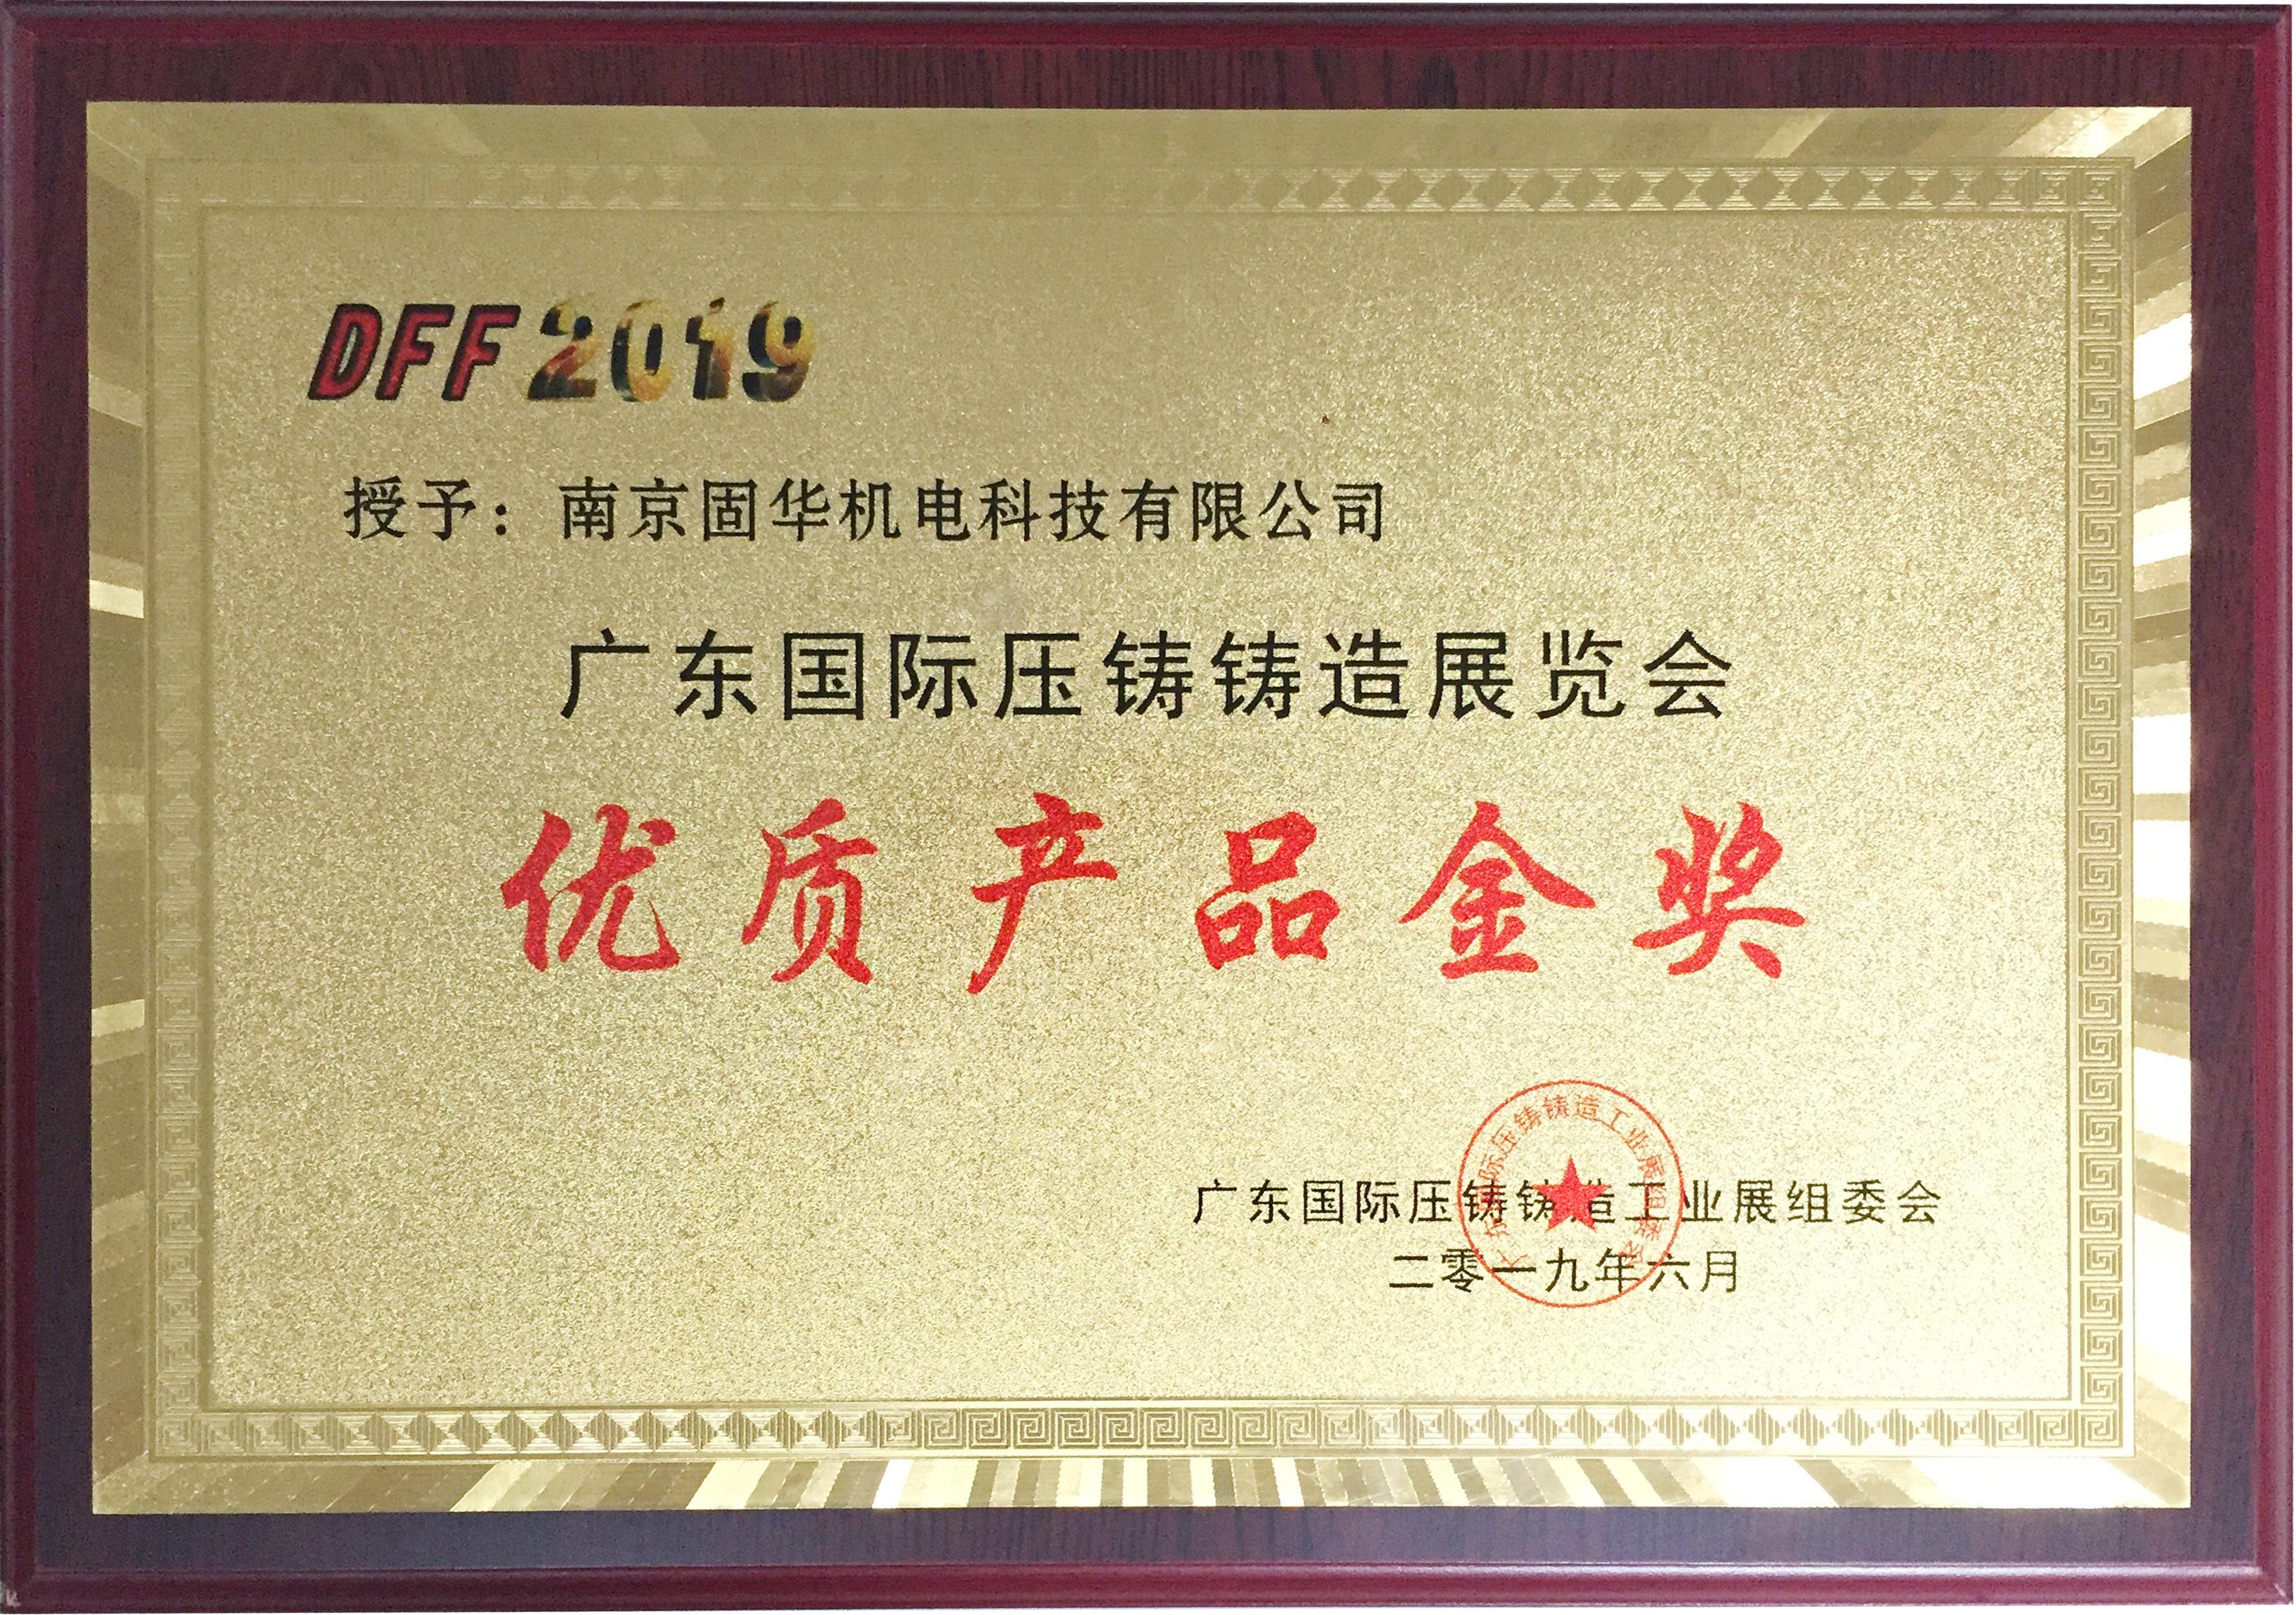 2.3 优质产品金奖2019